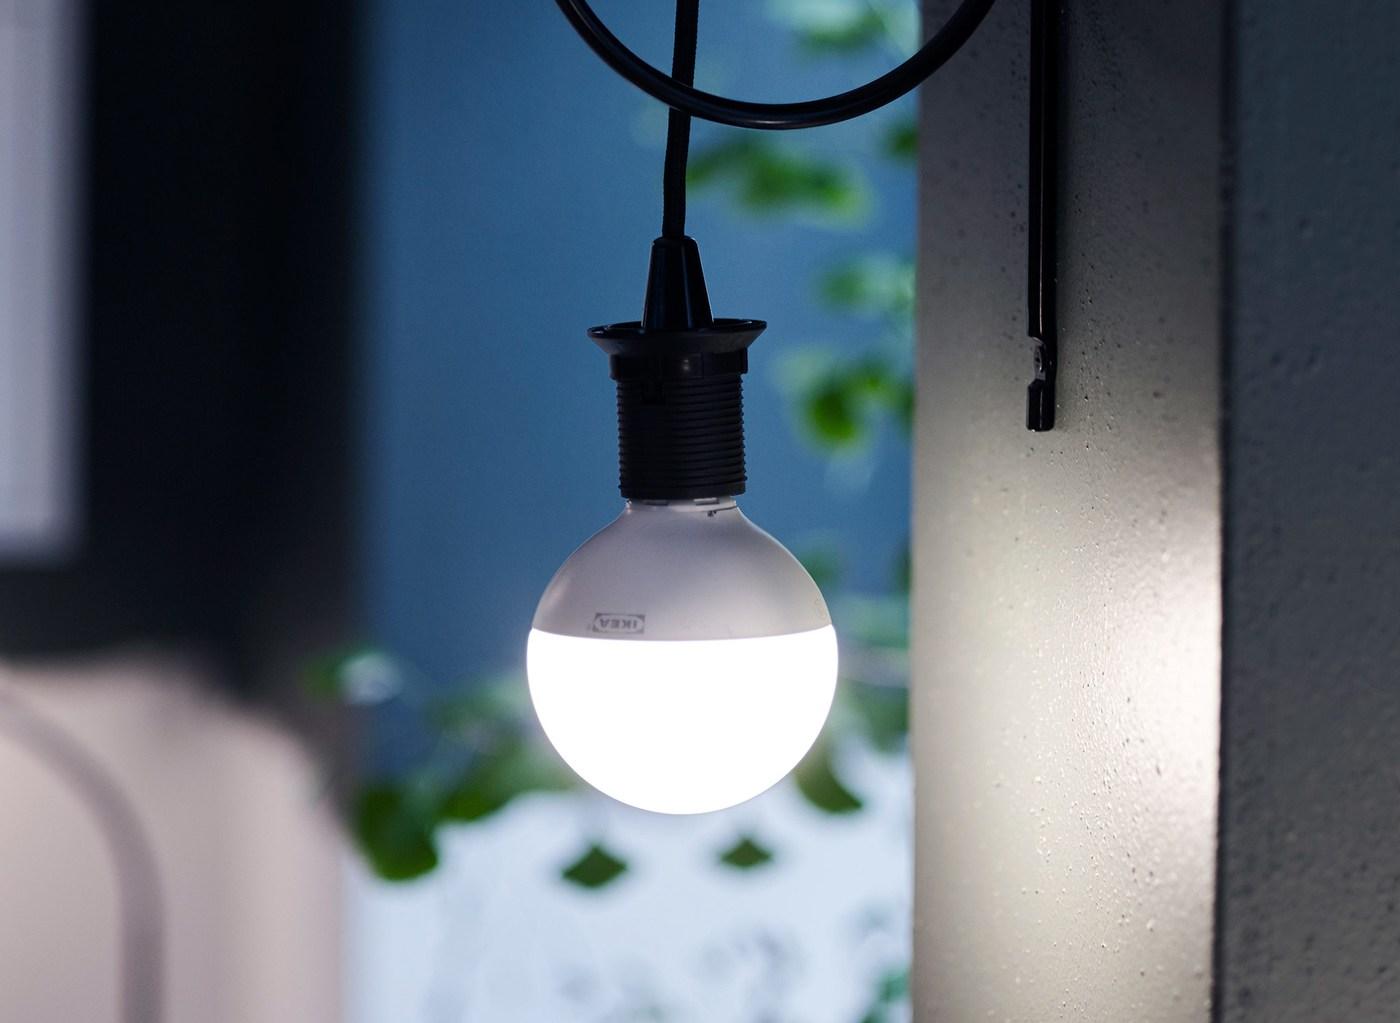 Une ampoule LED sphérique suspendue à un fil noir sur fond de mur bleu foncé.